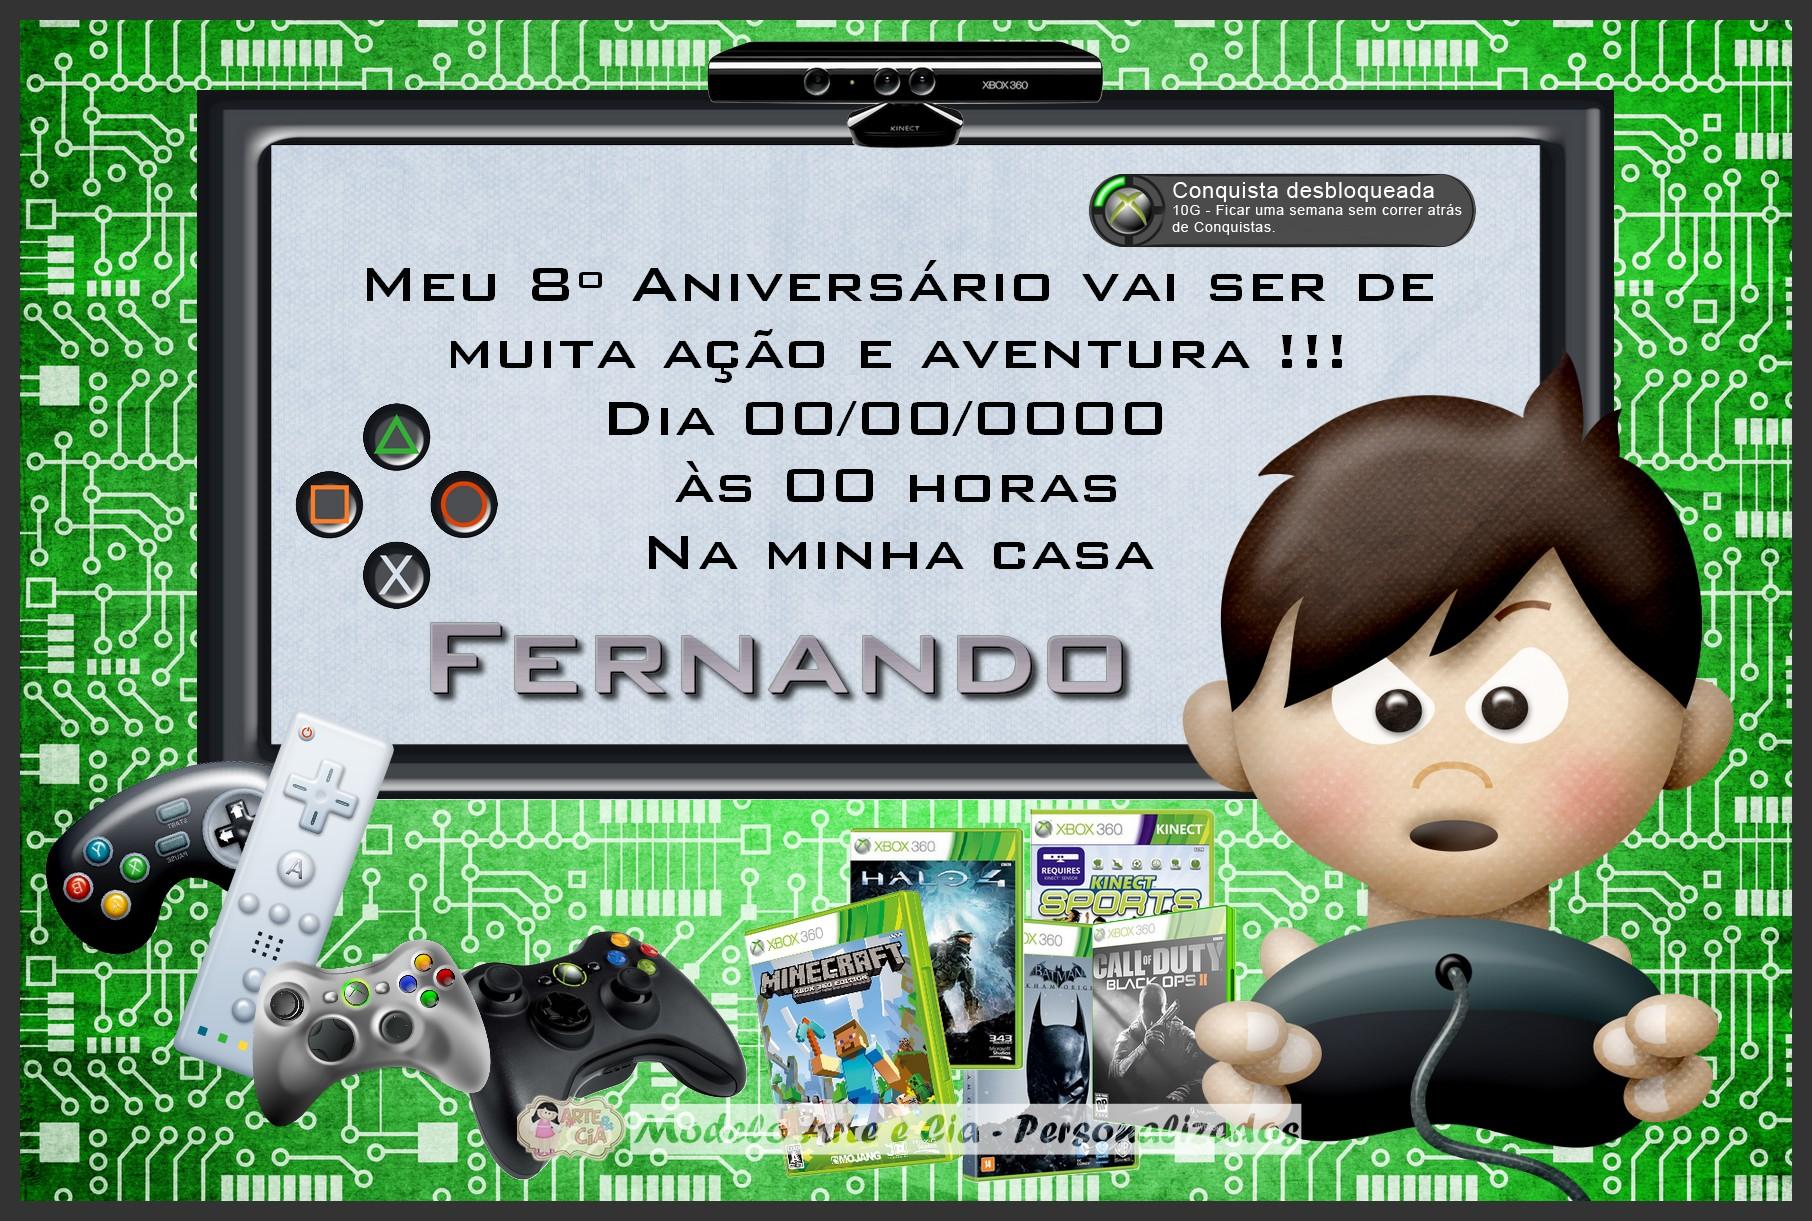 Enfeite Xbox ~ Convite Video Game Arte e Cia Personalizados Elo7